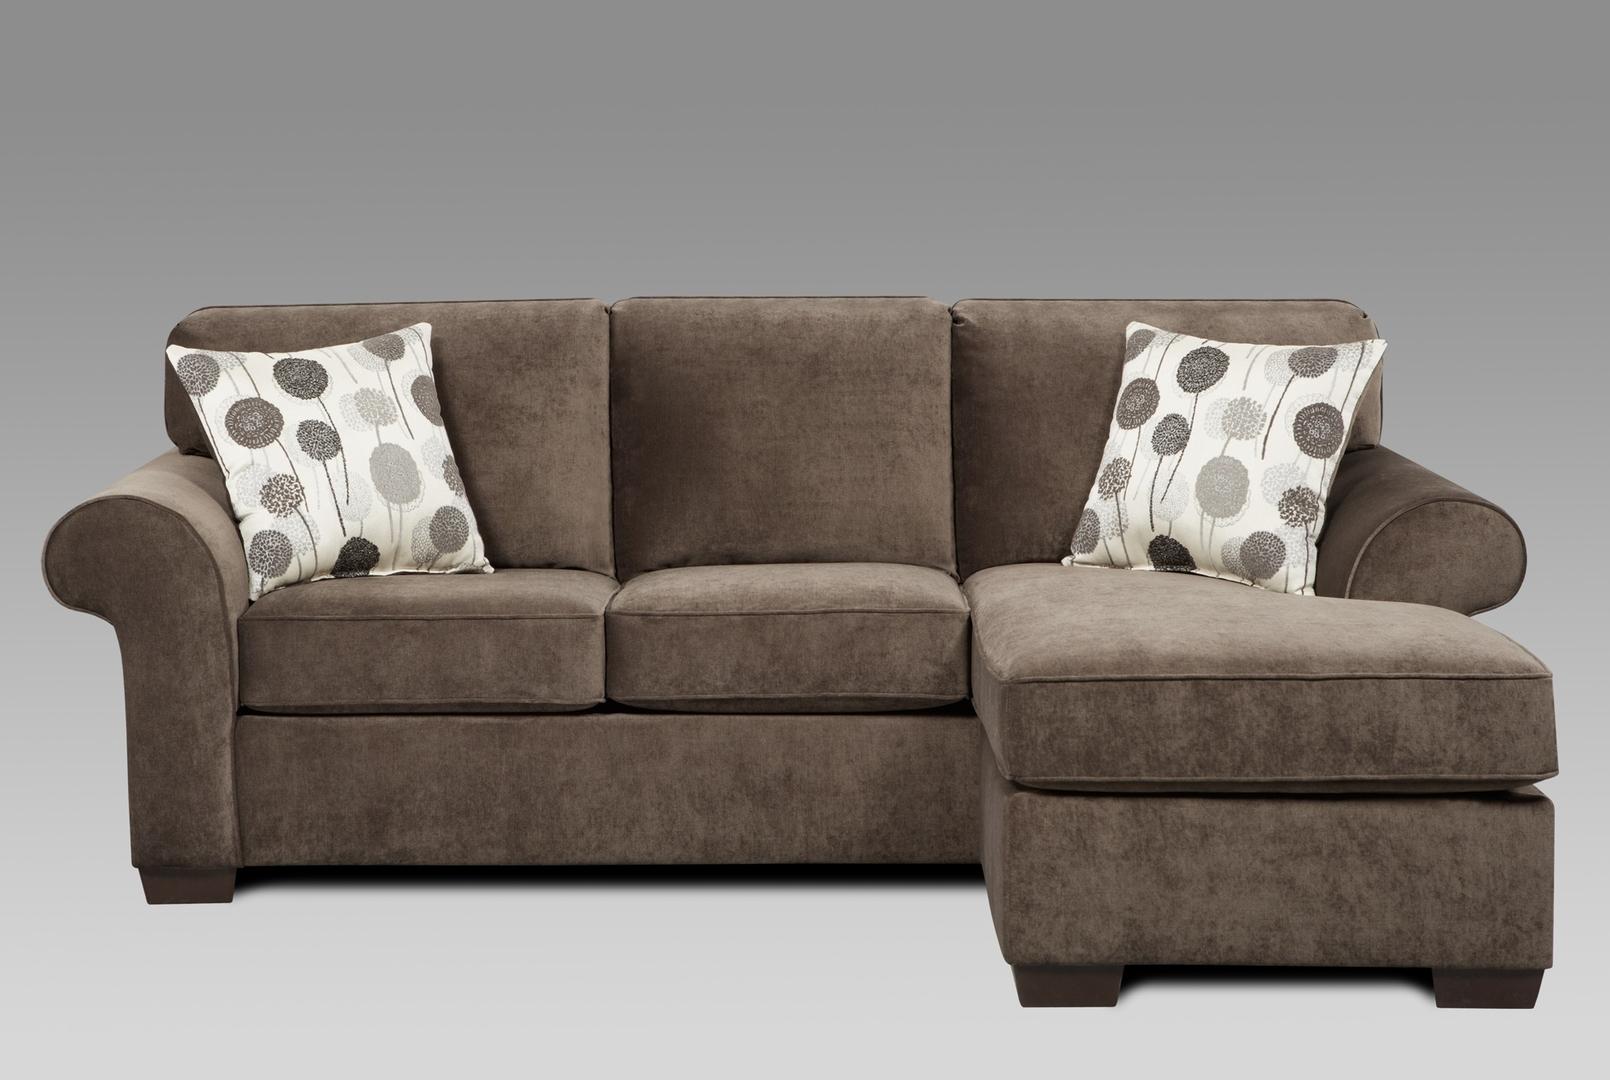 Sofas: Tuscaloosa, Al: Southeastern Furniture For Tuscaloosa Sectional Sofas (View 6 of 10)